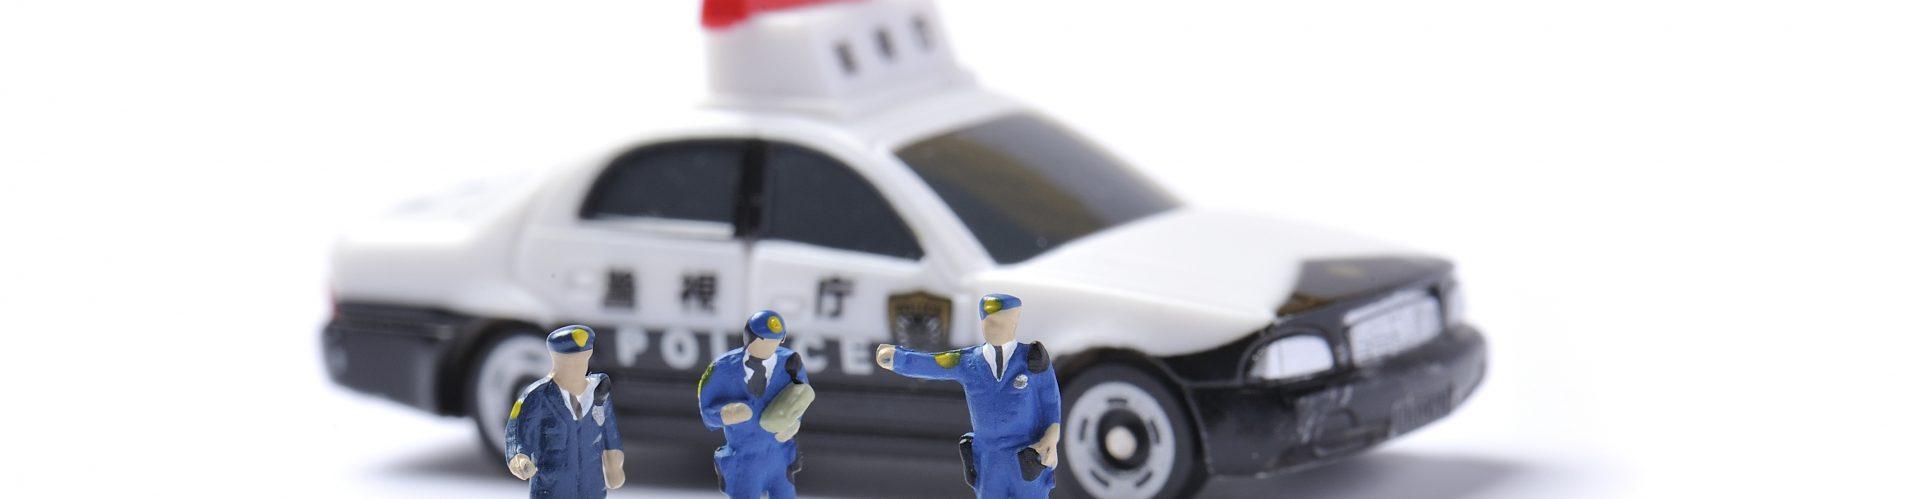 刑事事件は鹿児島の頼れる弁護士 下村法律事務所までご相談ください。